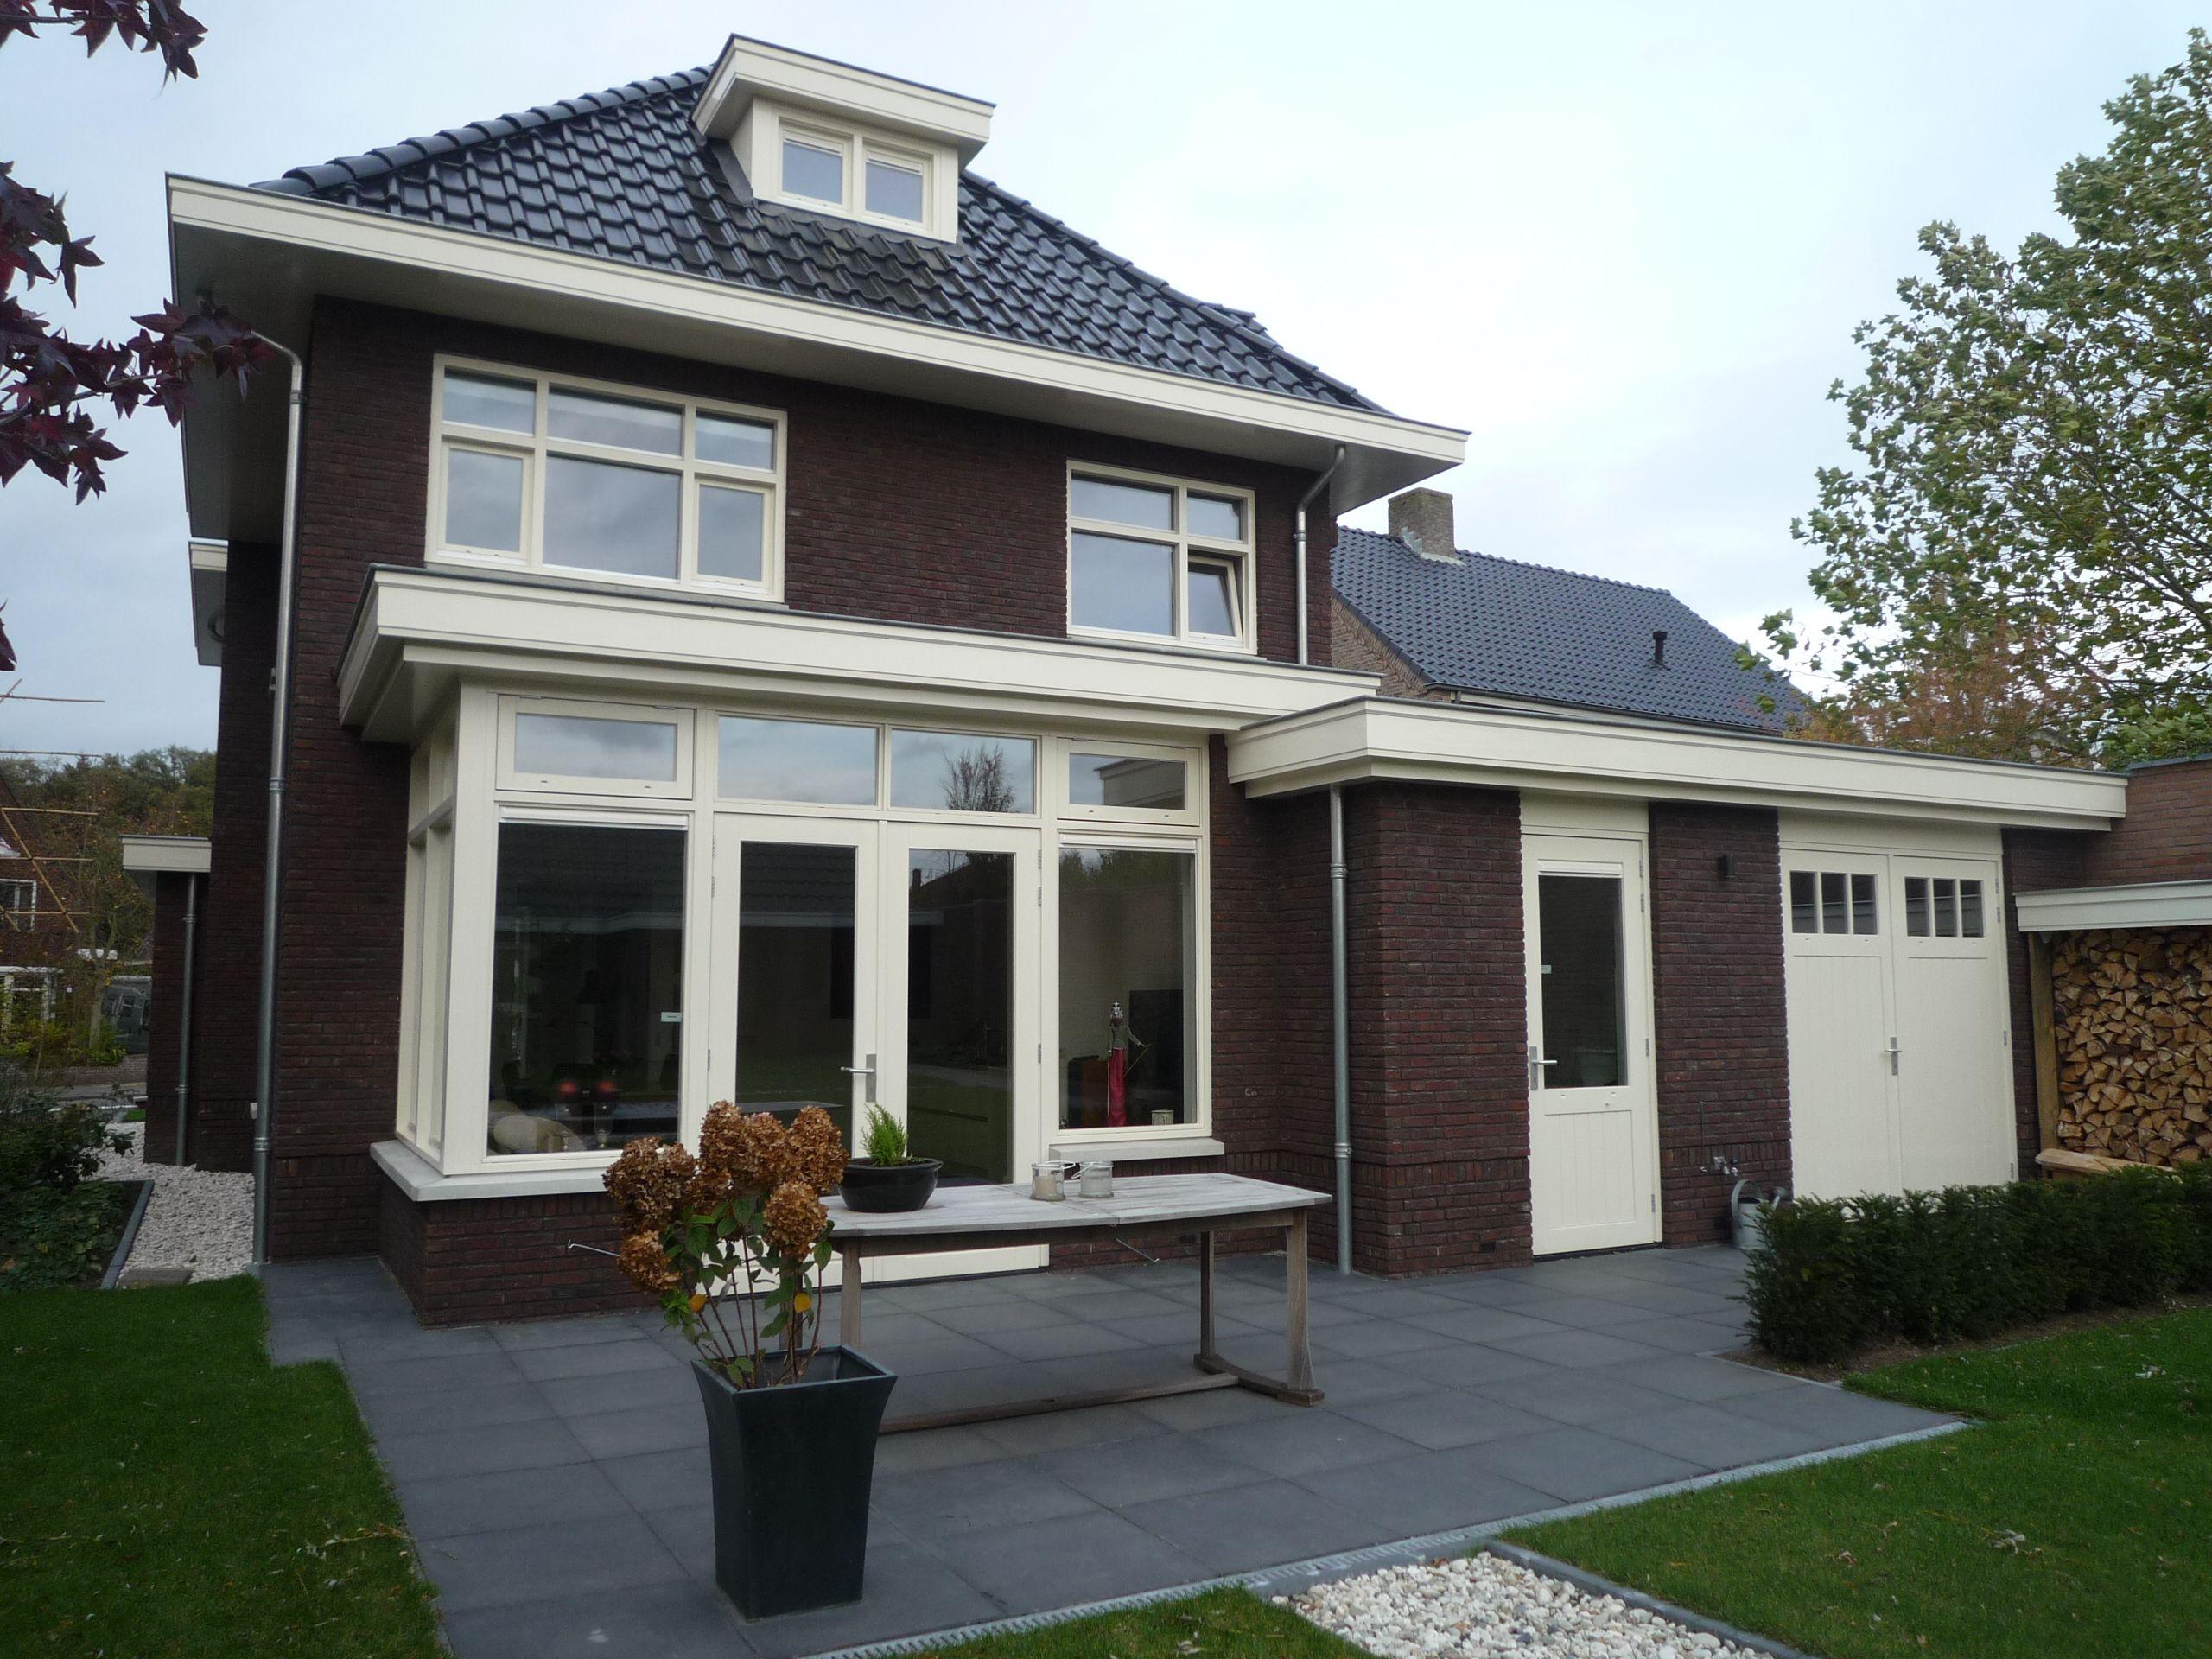 Uw eigen huis bouwen en hulp nodig contact schaepers for Contact eigen huis